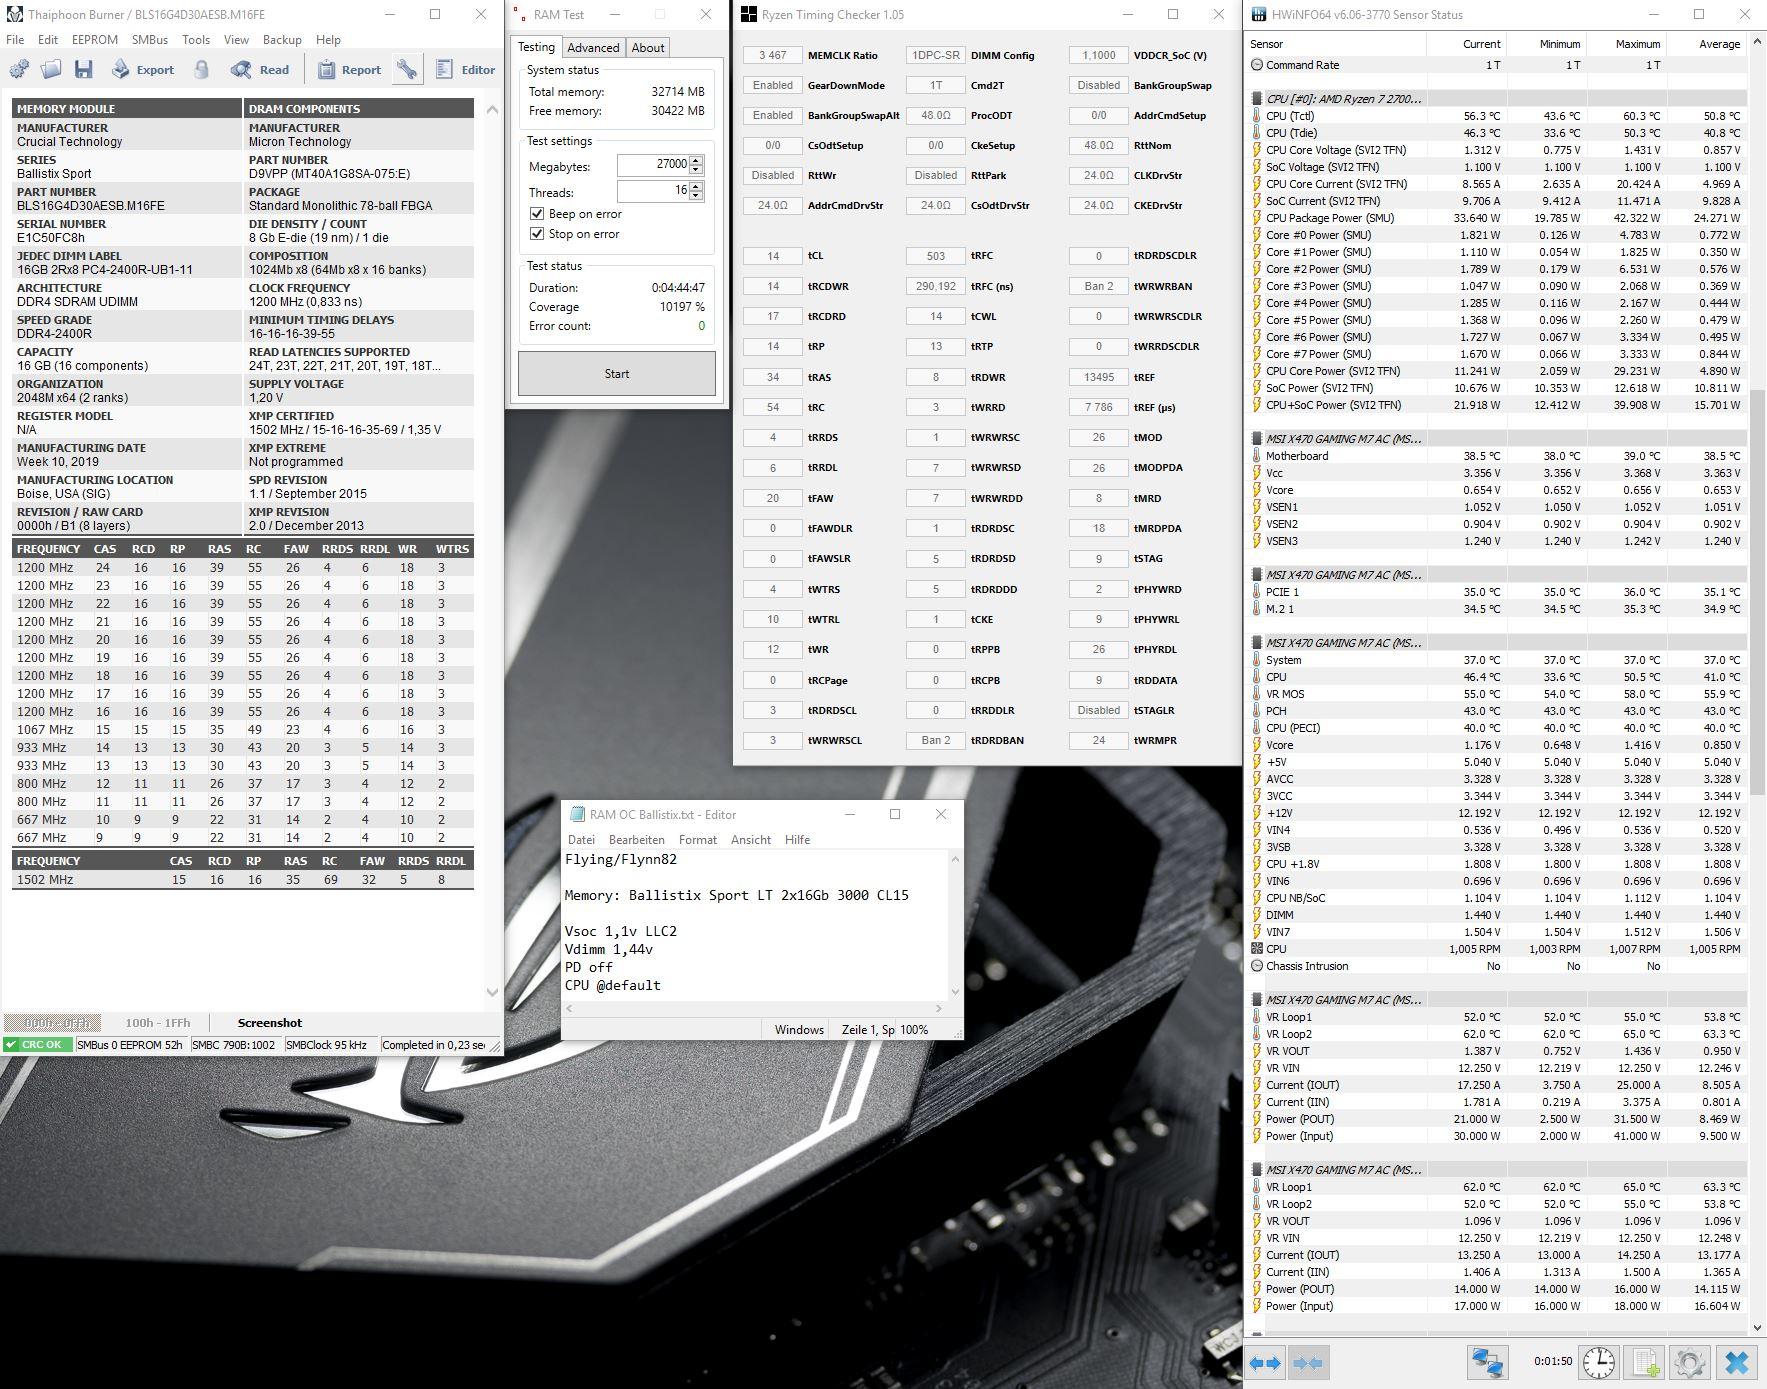 Ballistix 3466 14 1,44v trcdrd17 tfaw20 trfc503 twr12 Karhu 10k%.jpg